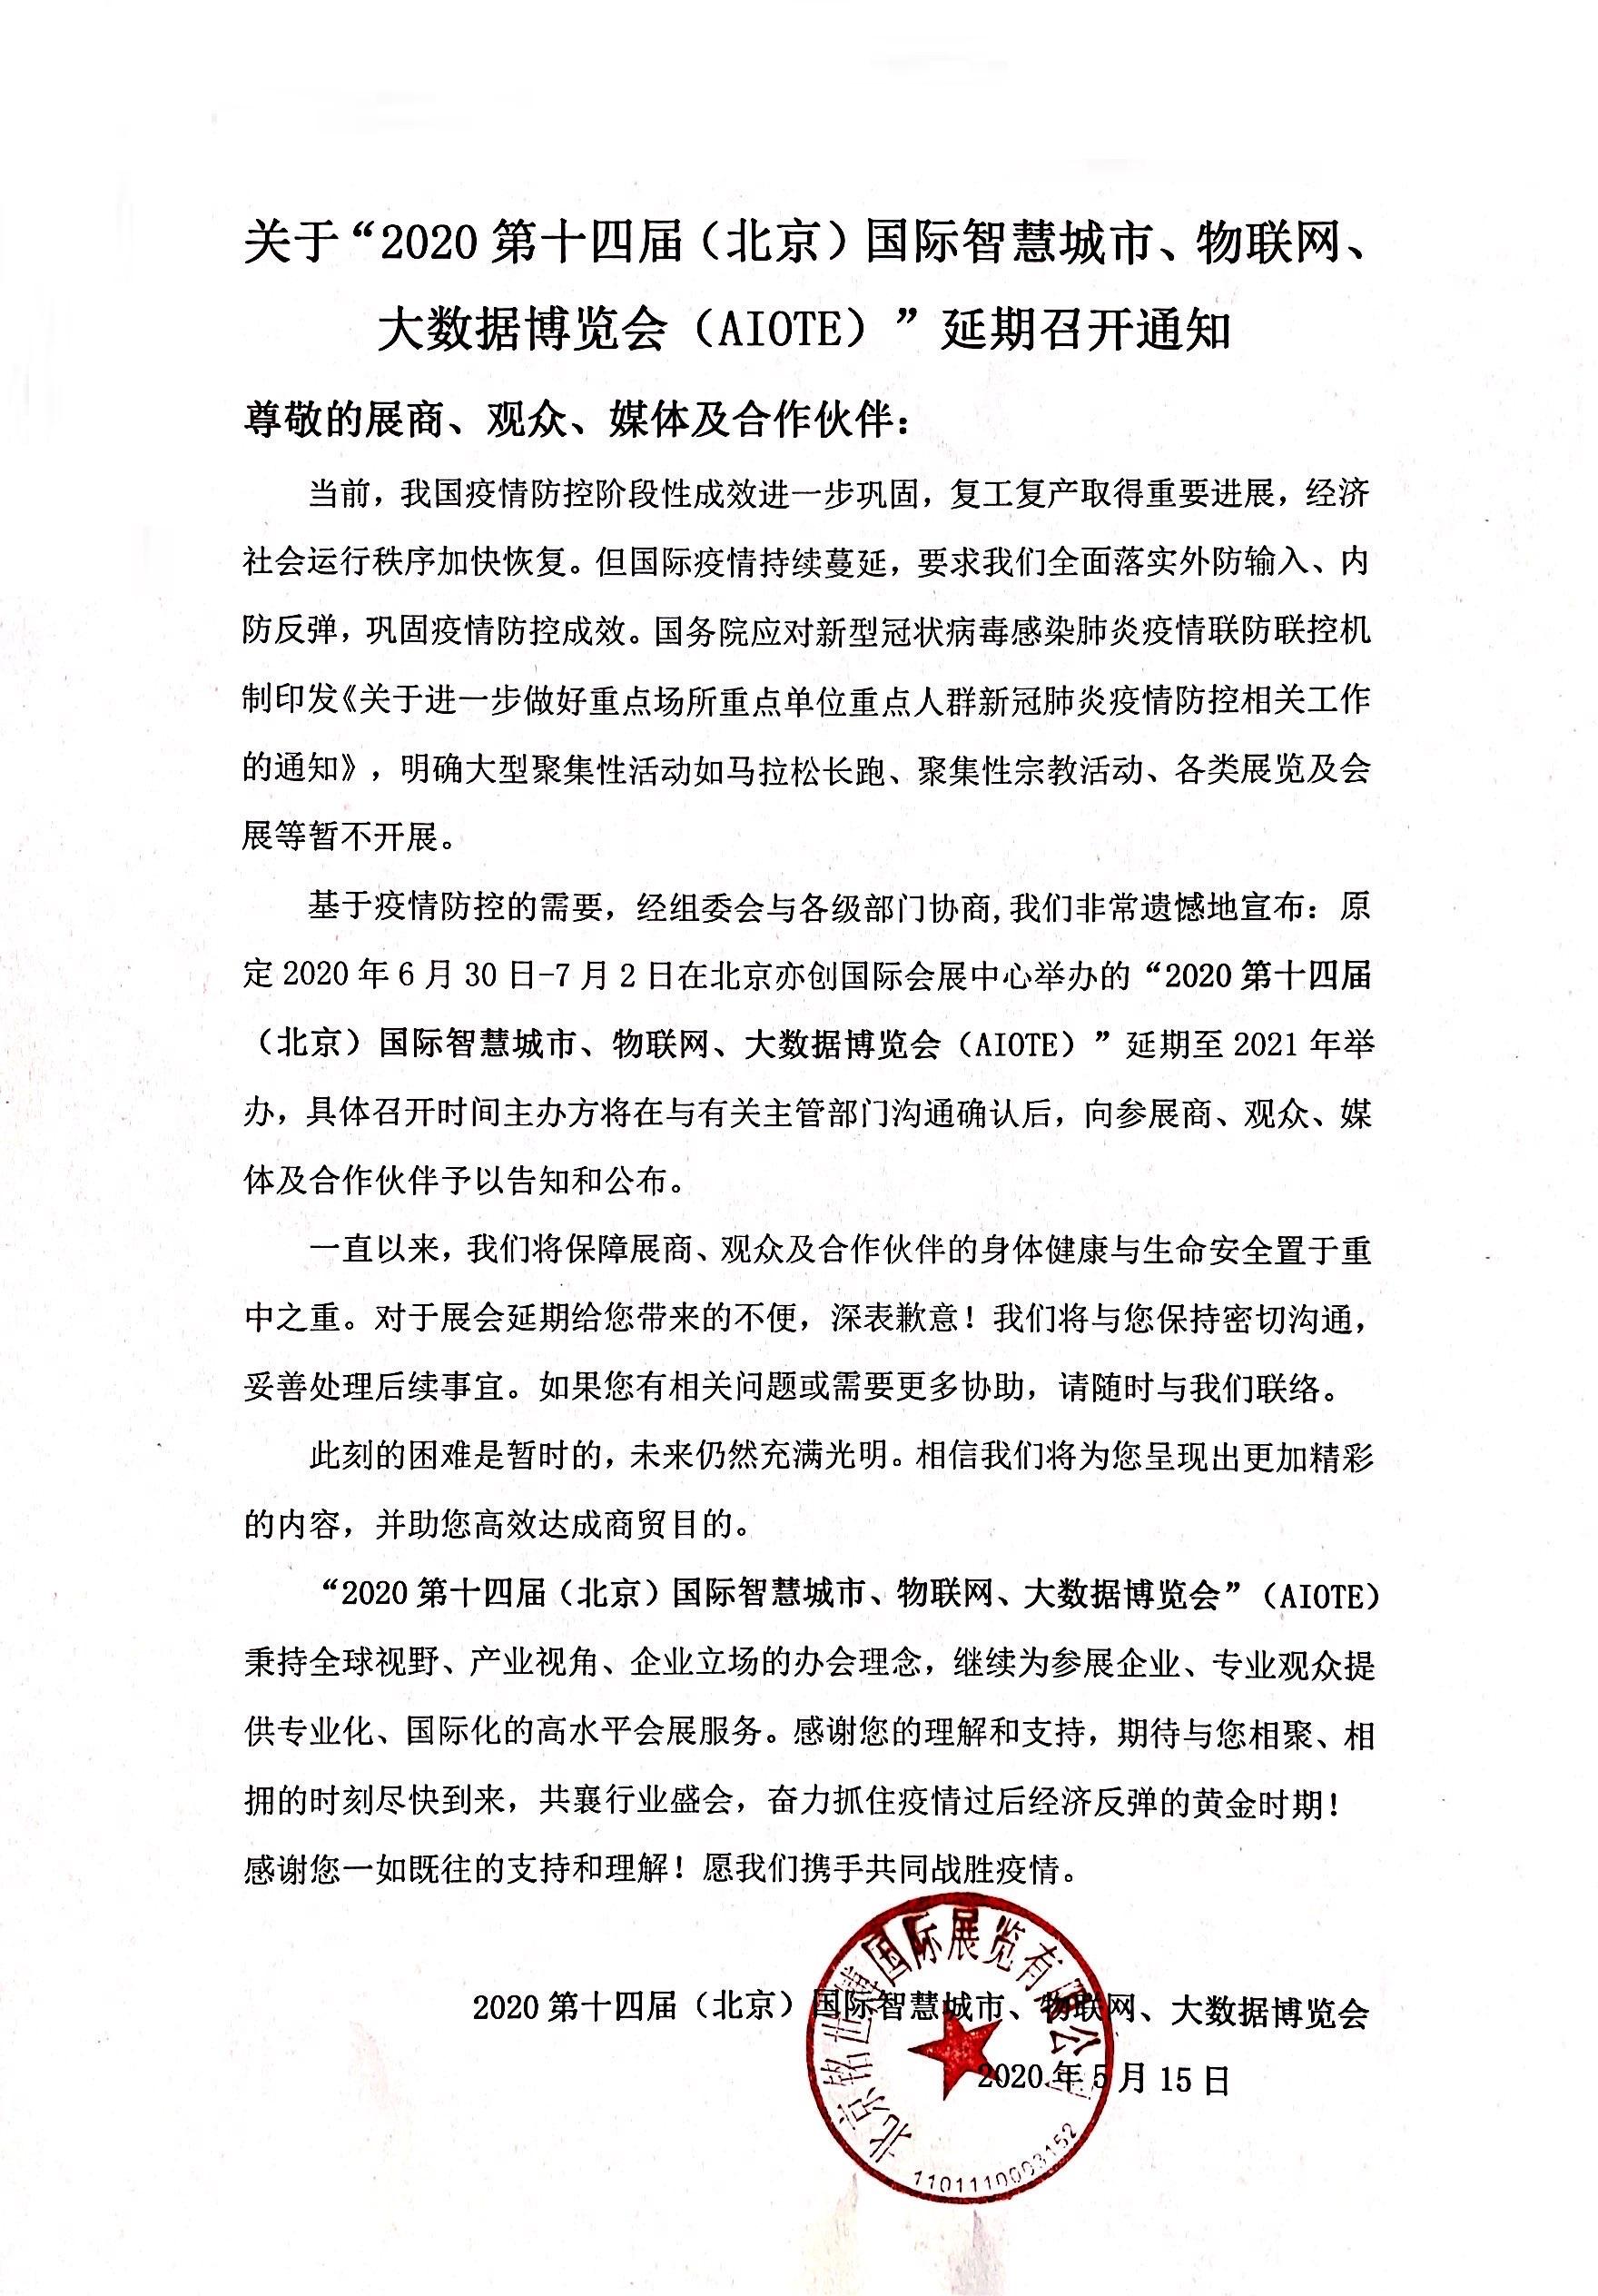 2020北京大数据产业博览会-延期通知